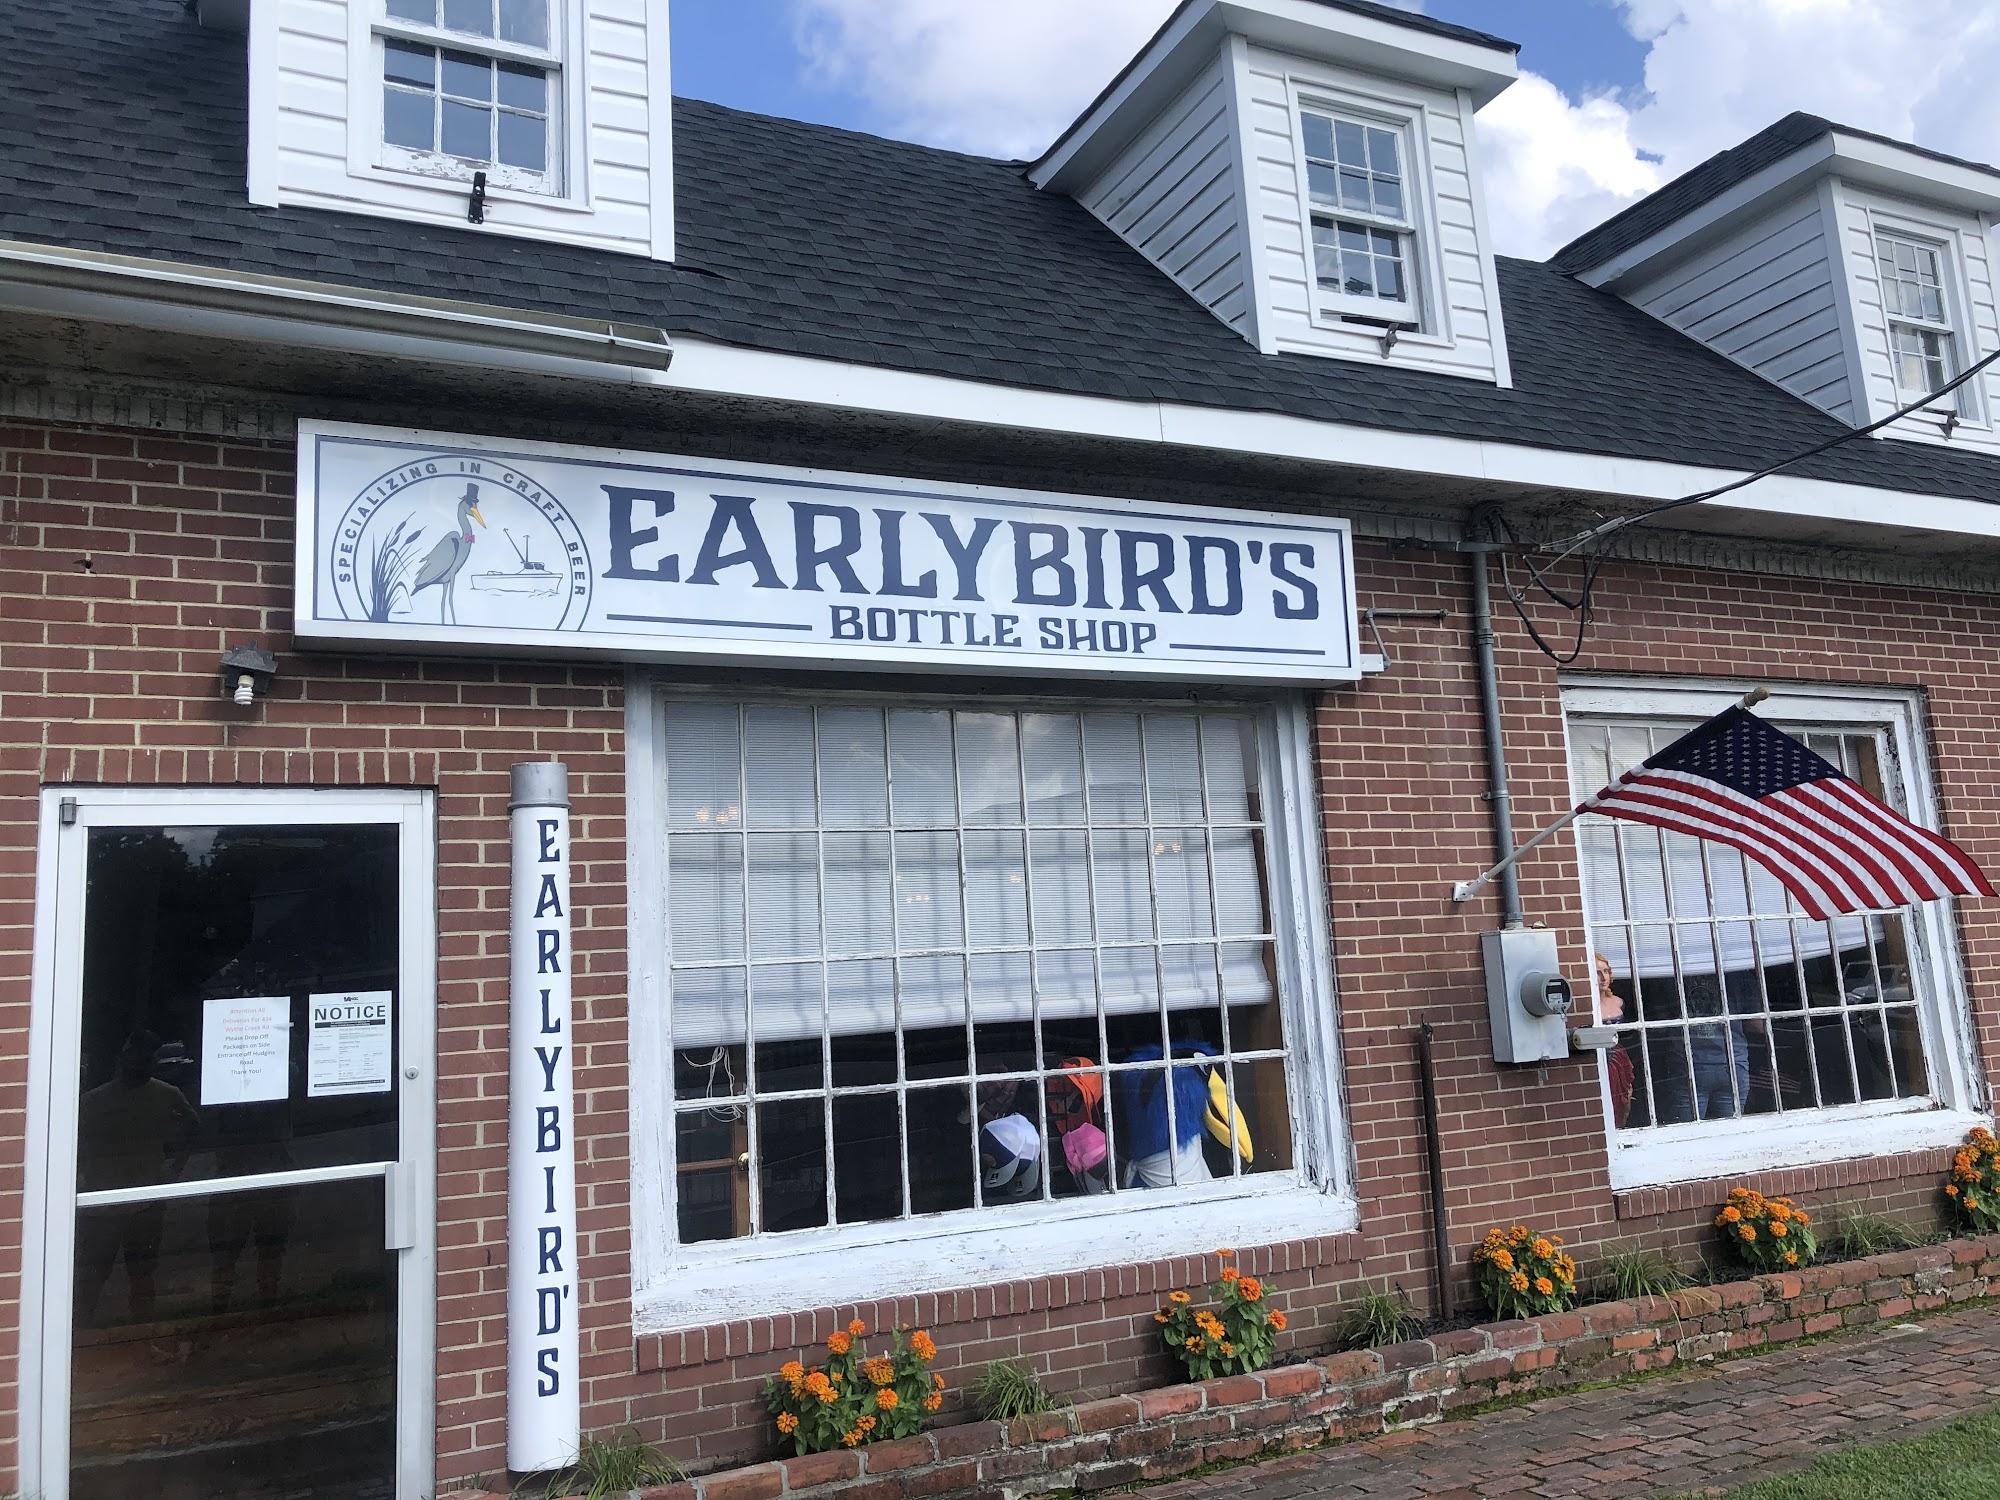 Earlybird's Bottle Shop 494 Wythe Creek Rd, Poquoson